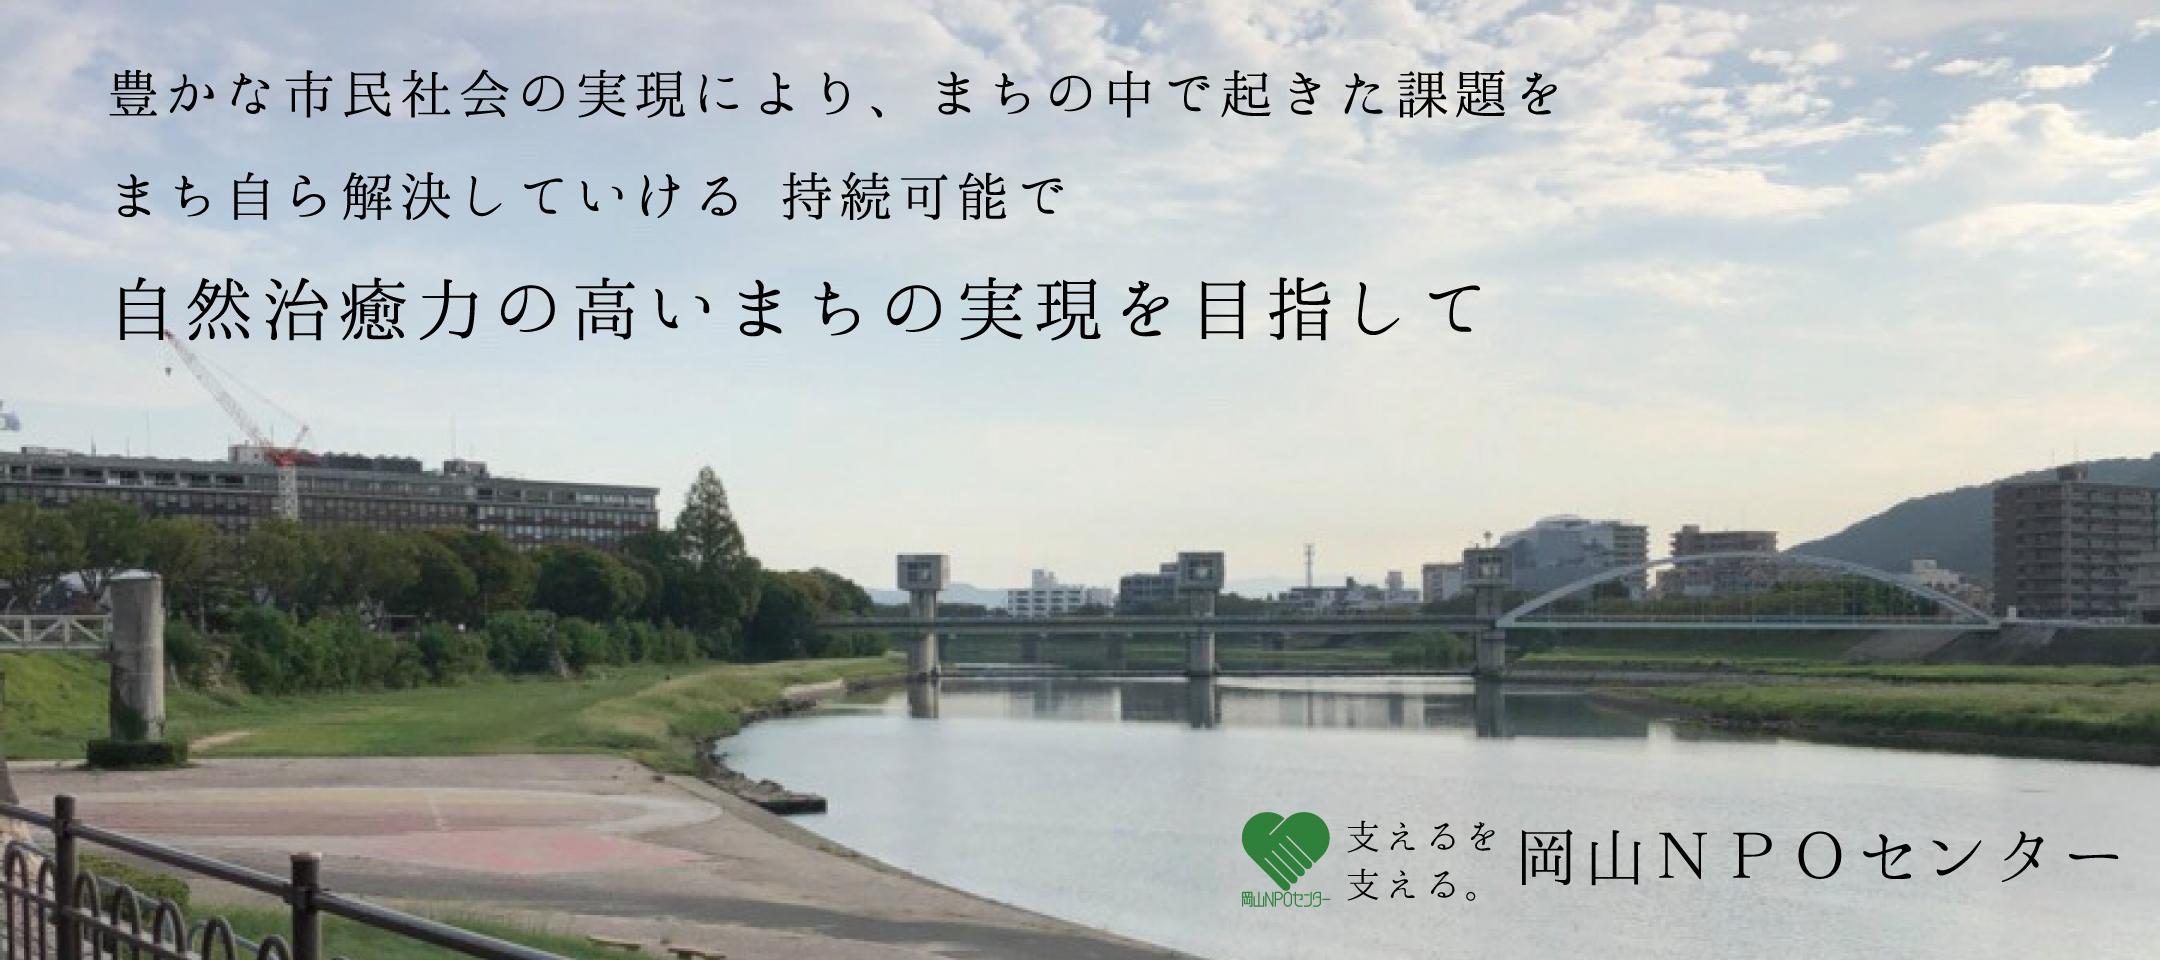 岡山NPOセンター